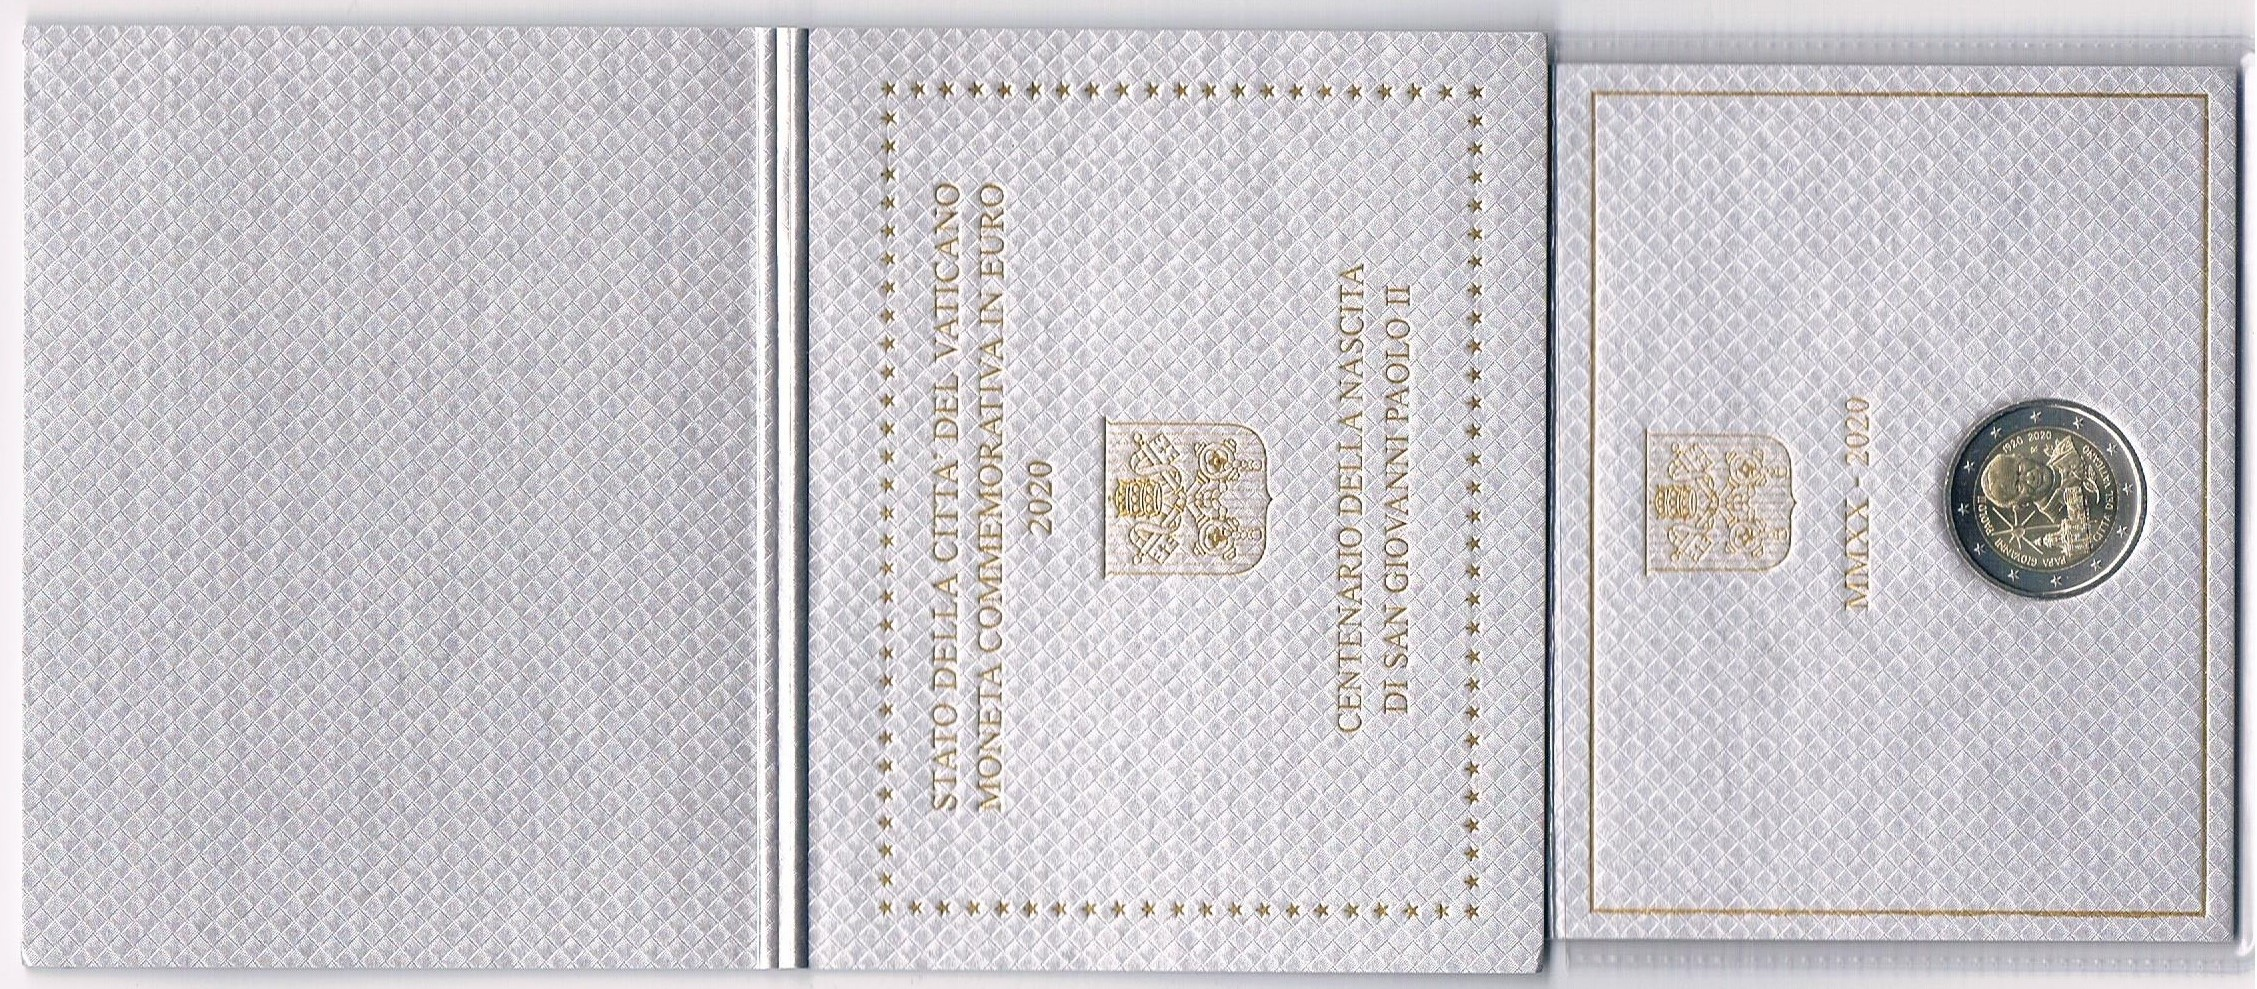 2020 Vatikan Johannes Paul II 2.jpg